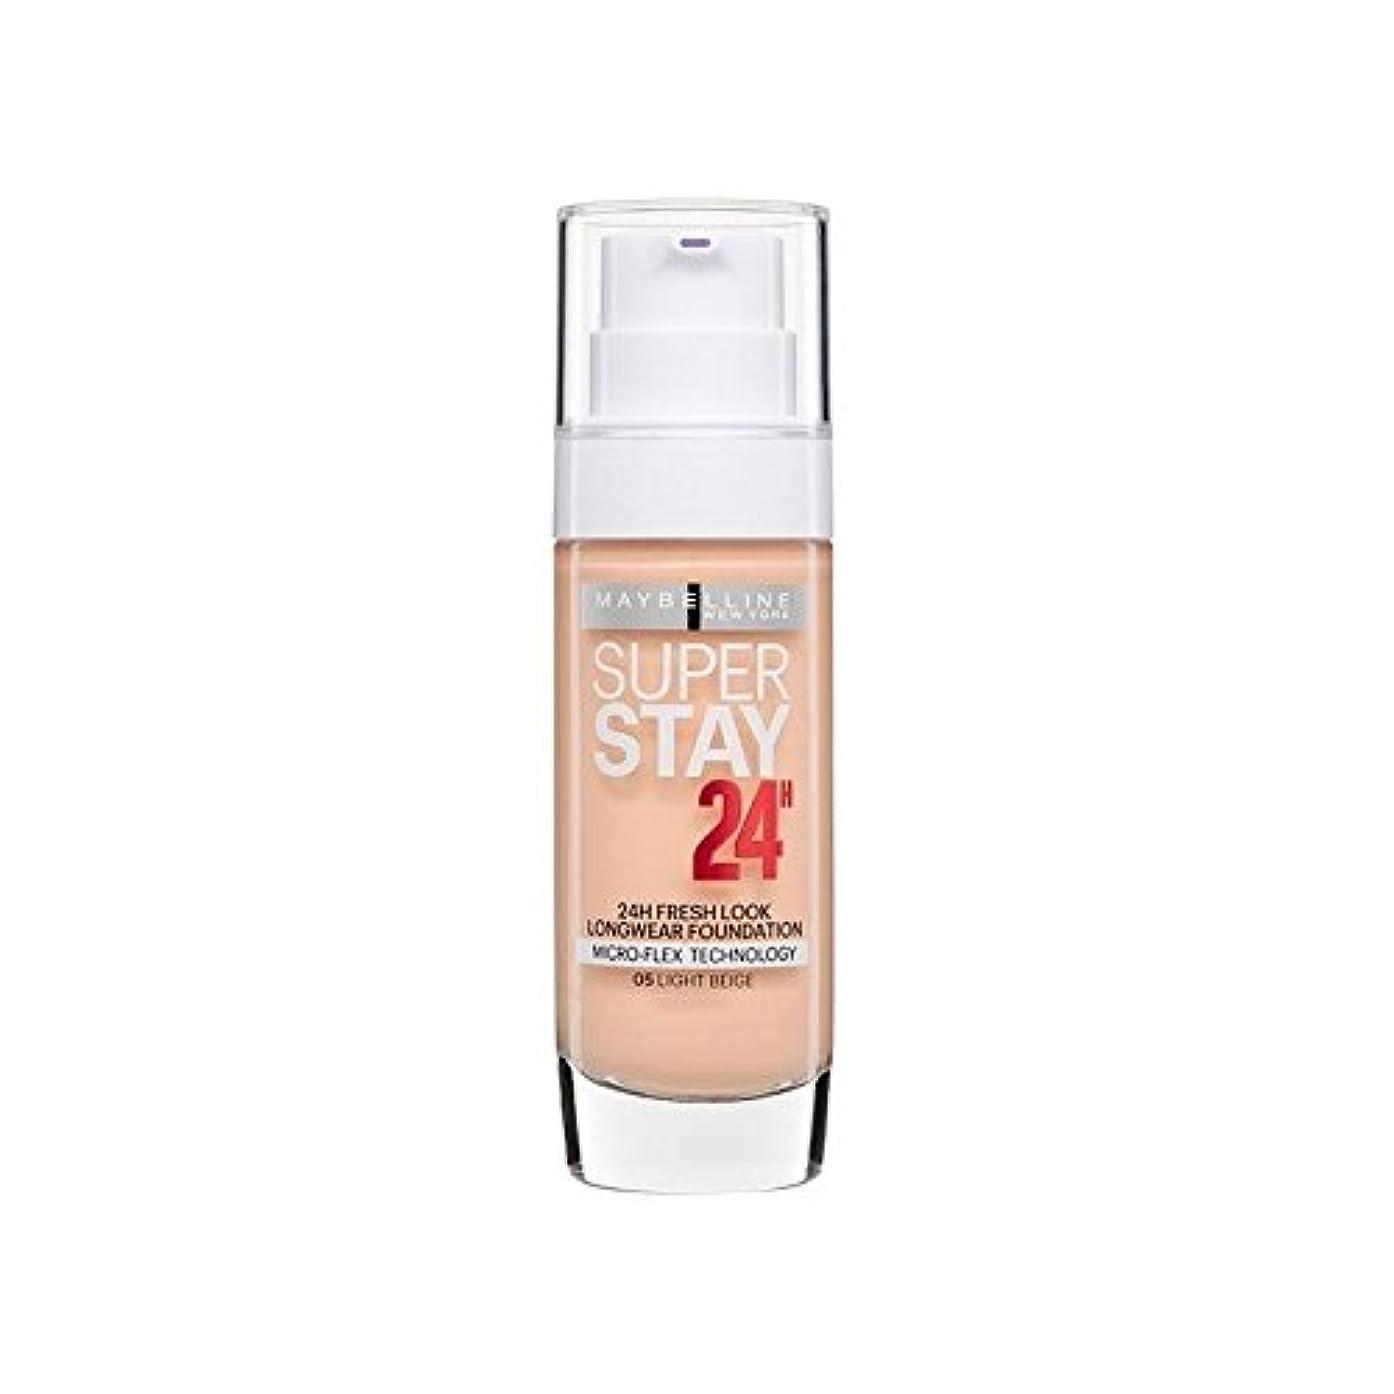 相互未来テスピアンメイベリンの24時間リキッドファンデーションライトベージュ30ミリリットル x2 - Maybelline SuperStay 24h Liquid Foundation Light Beige 30ml (Pack of 2) [並行輸入品]